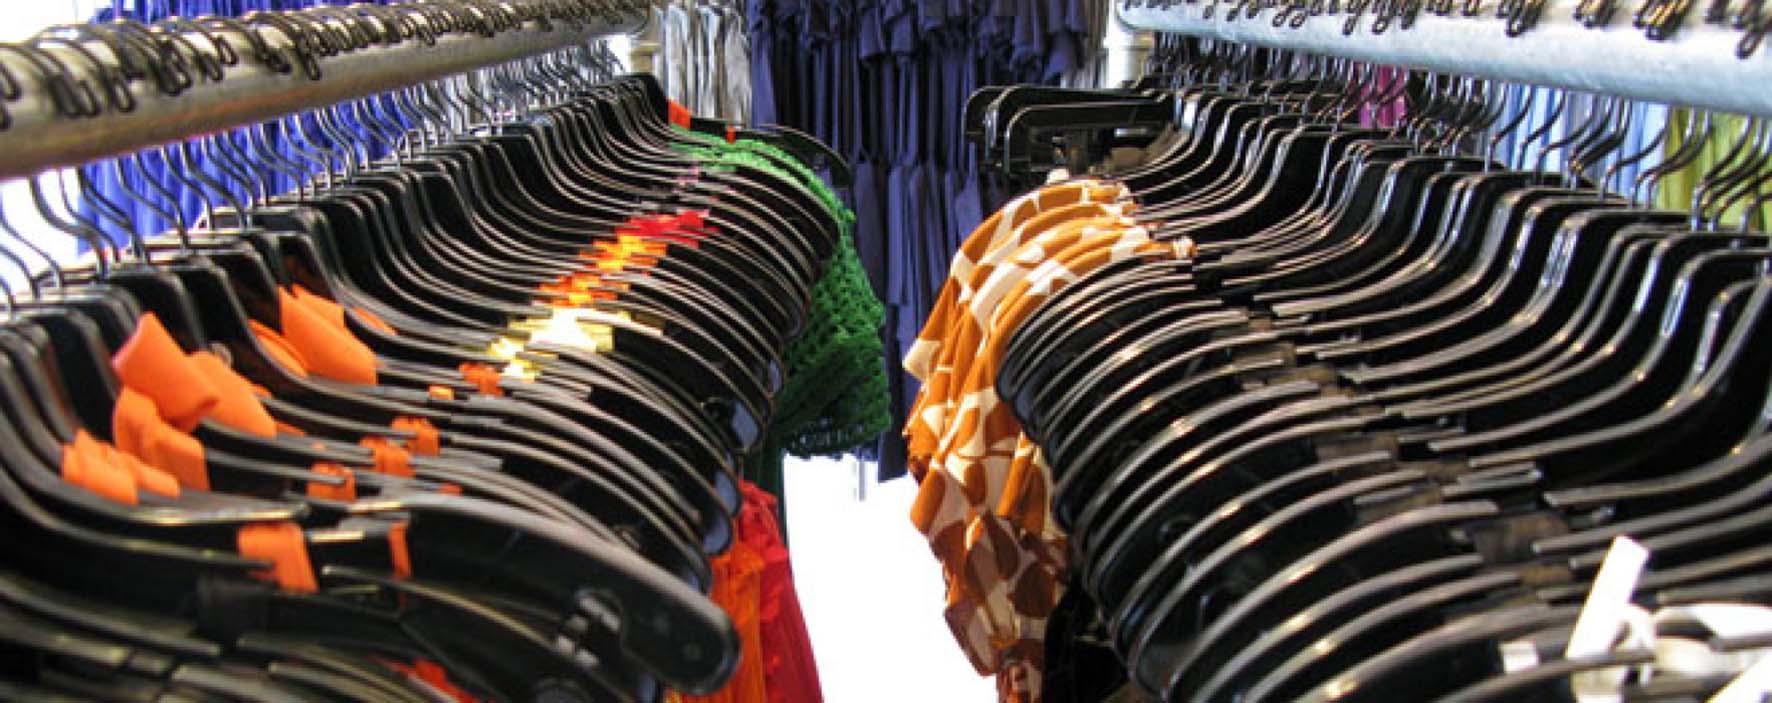 commercio crisi venedite grucce abiti